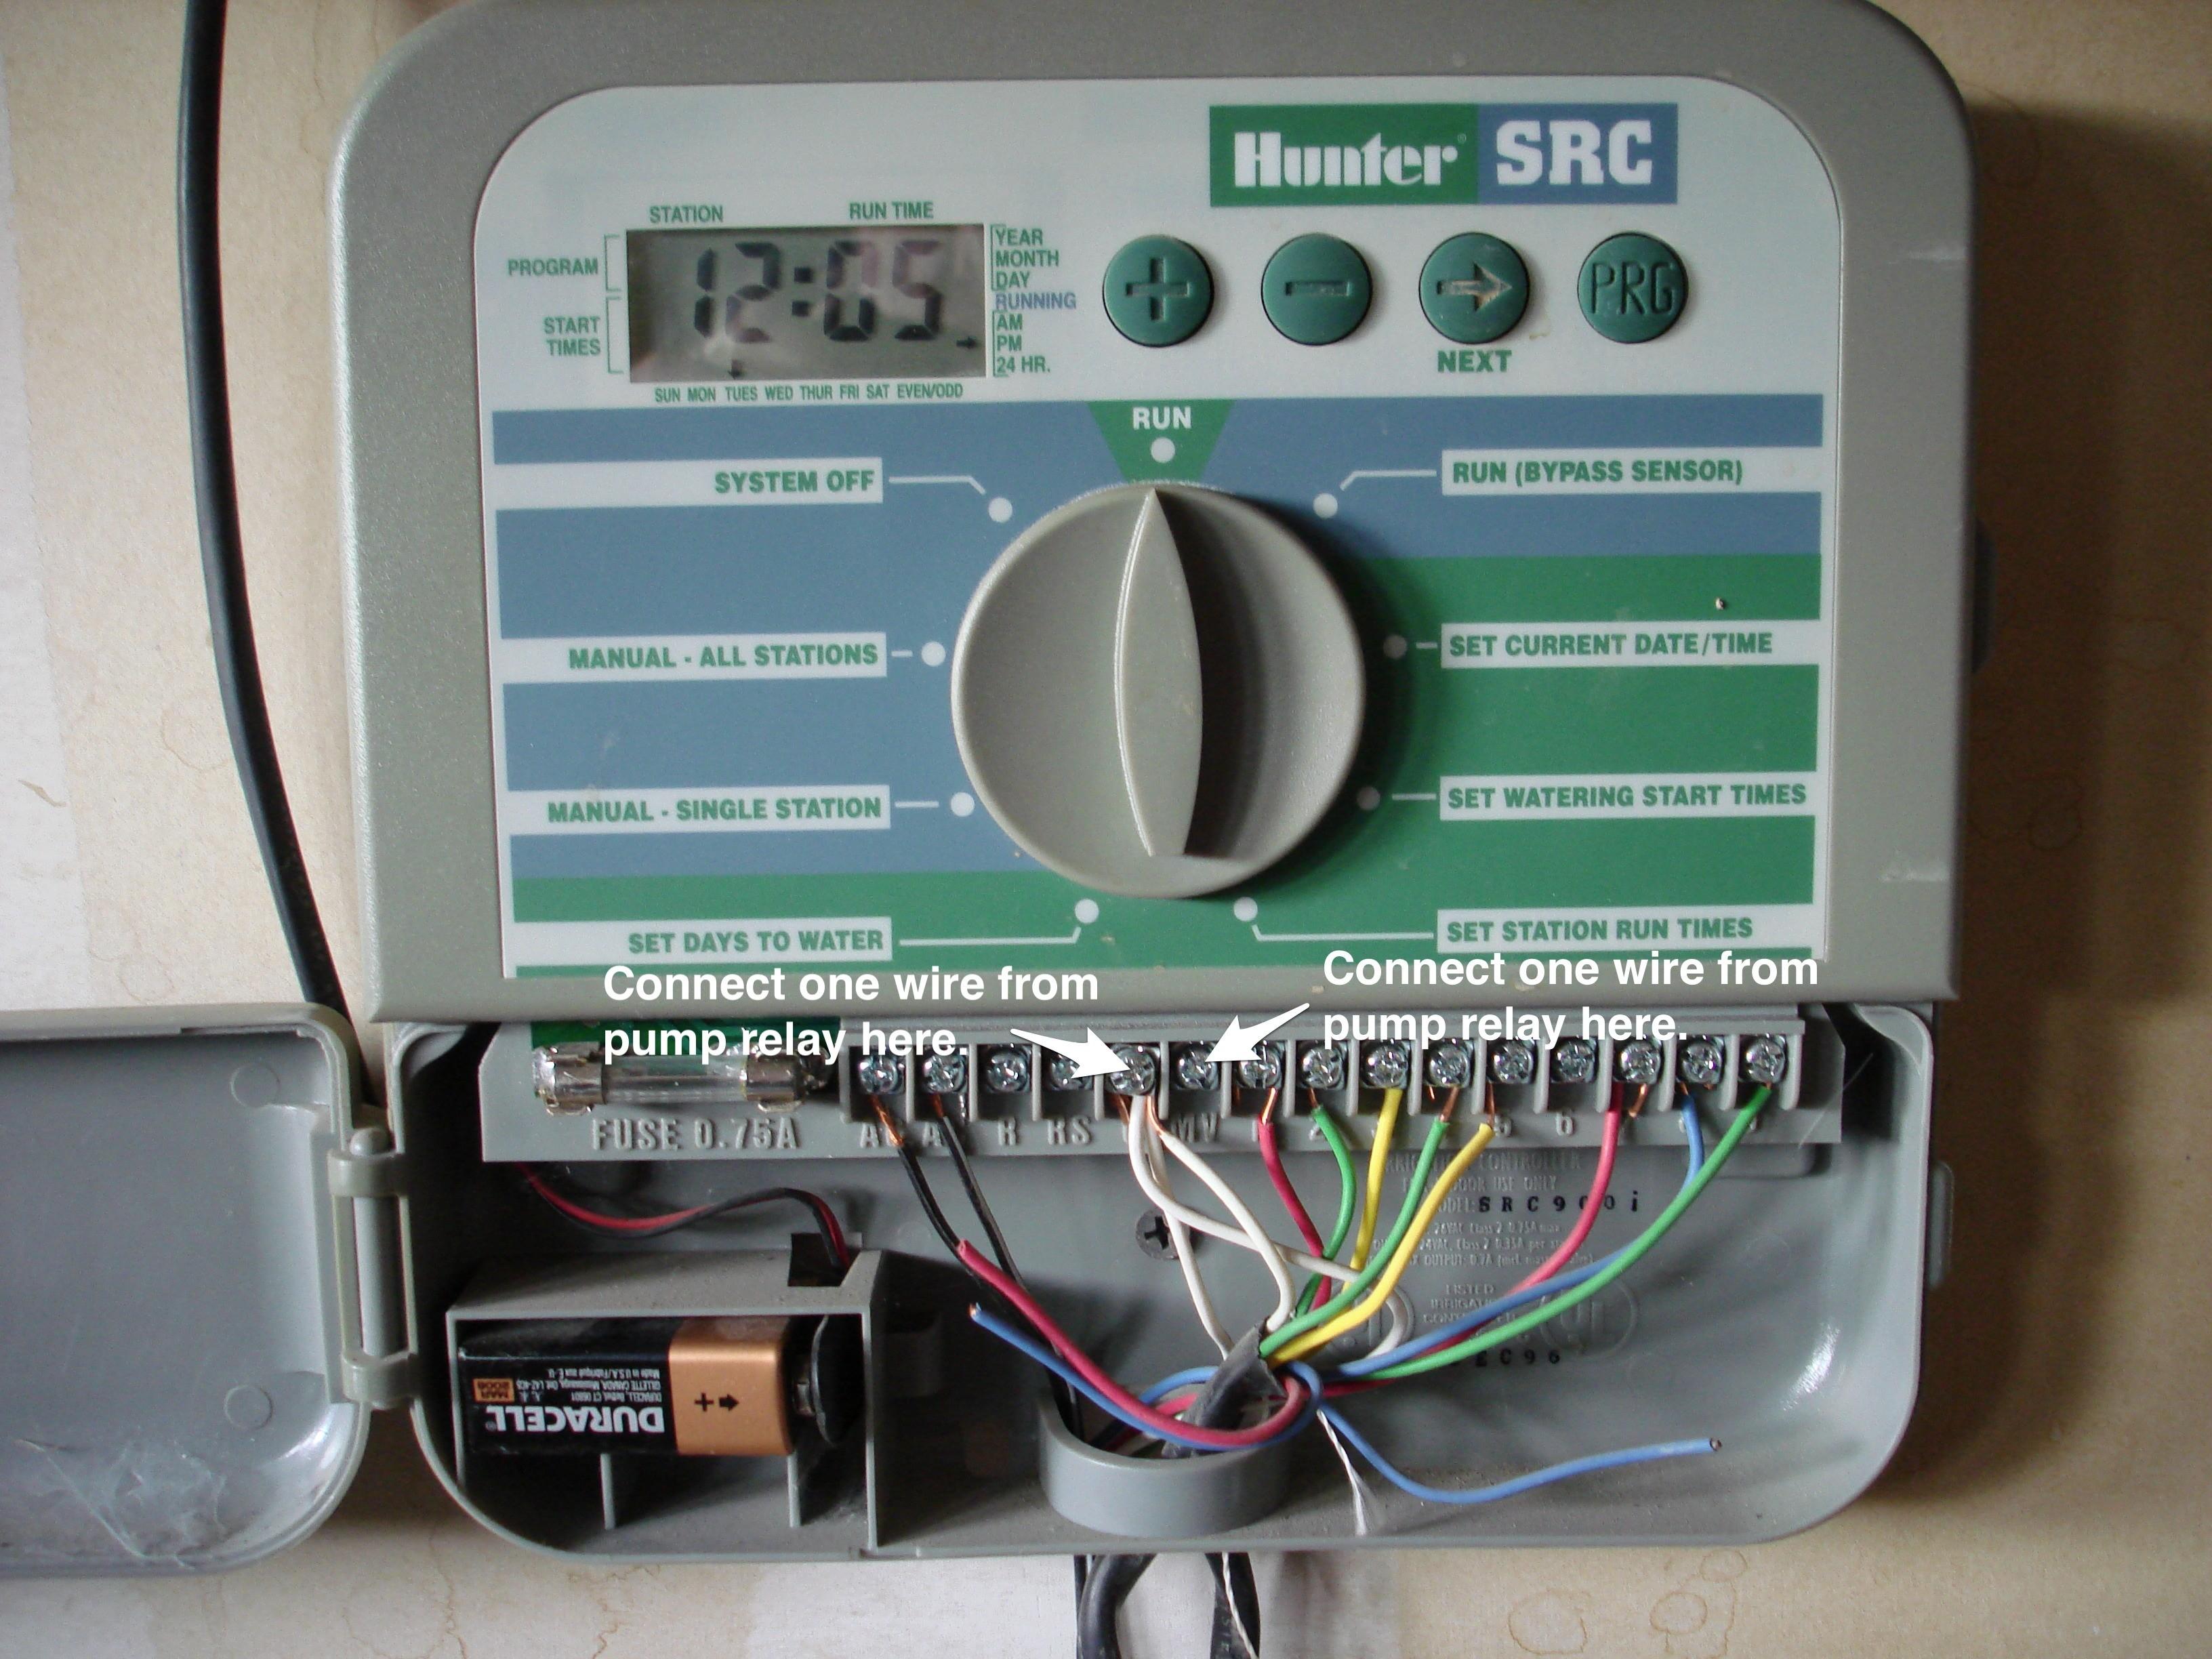 Orbit Pump Start Relay Wiring Diagram Sprinkler Master Pump Valve Wiring – iscaper Blog Of Orbit Pump Start Relay Wiring Diagram